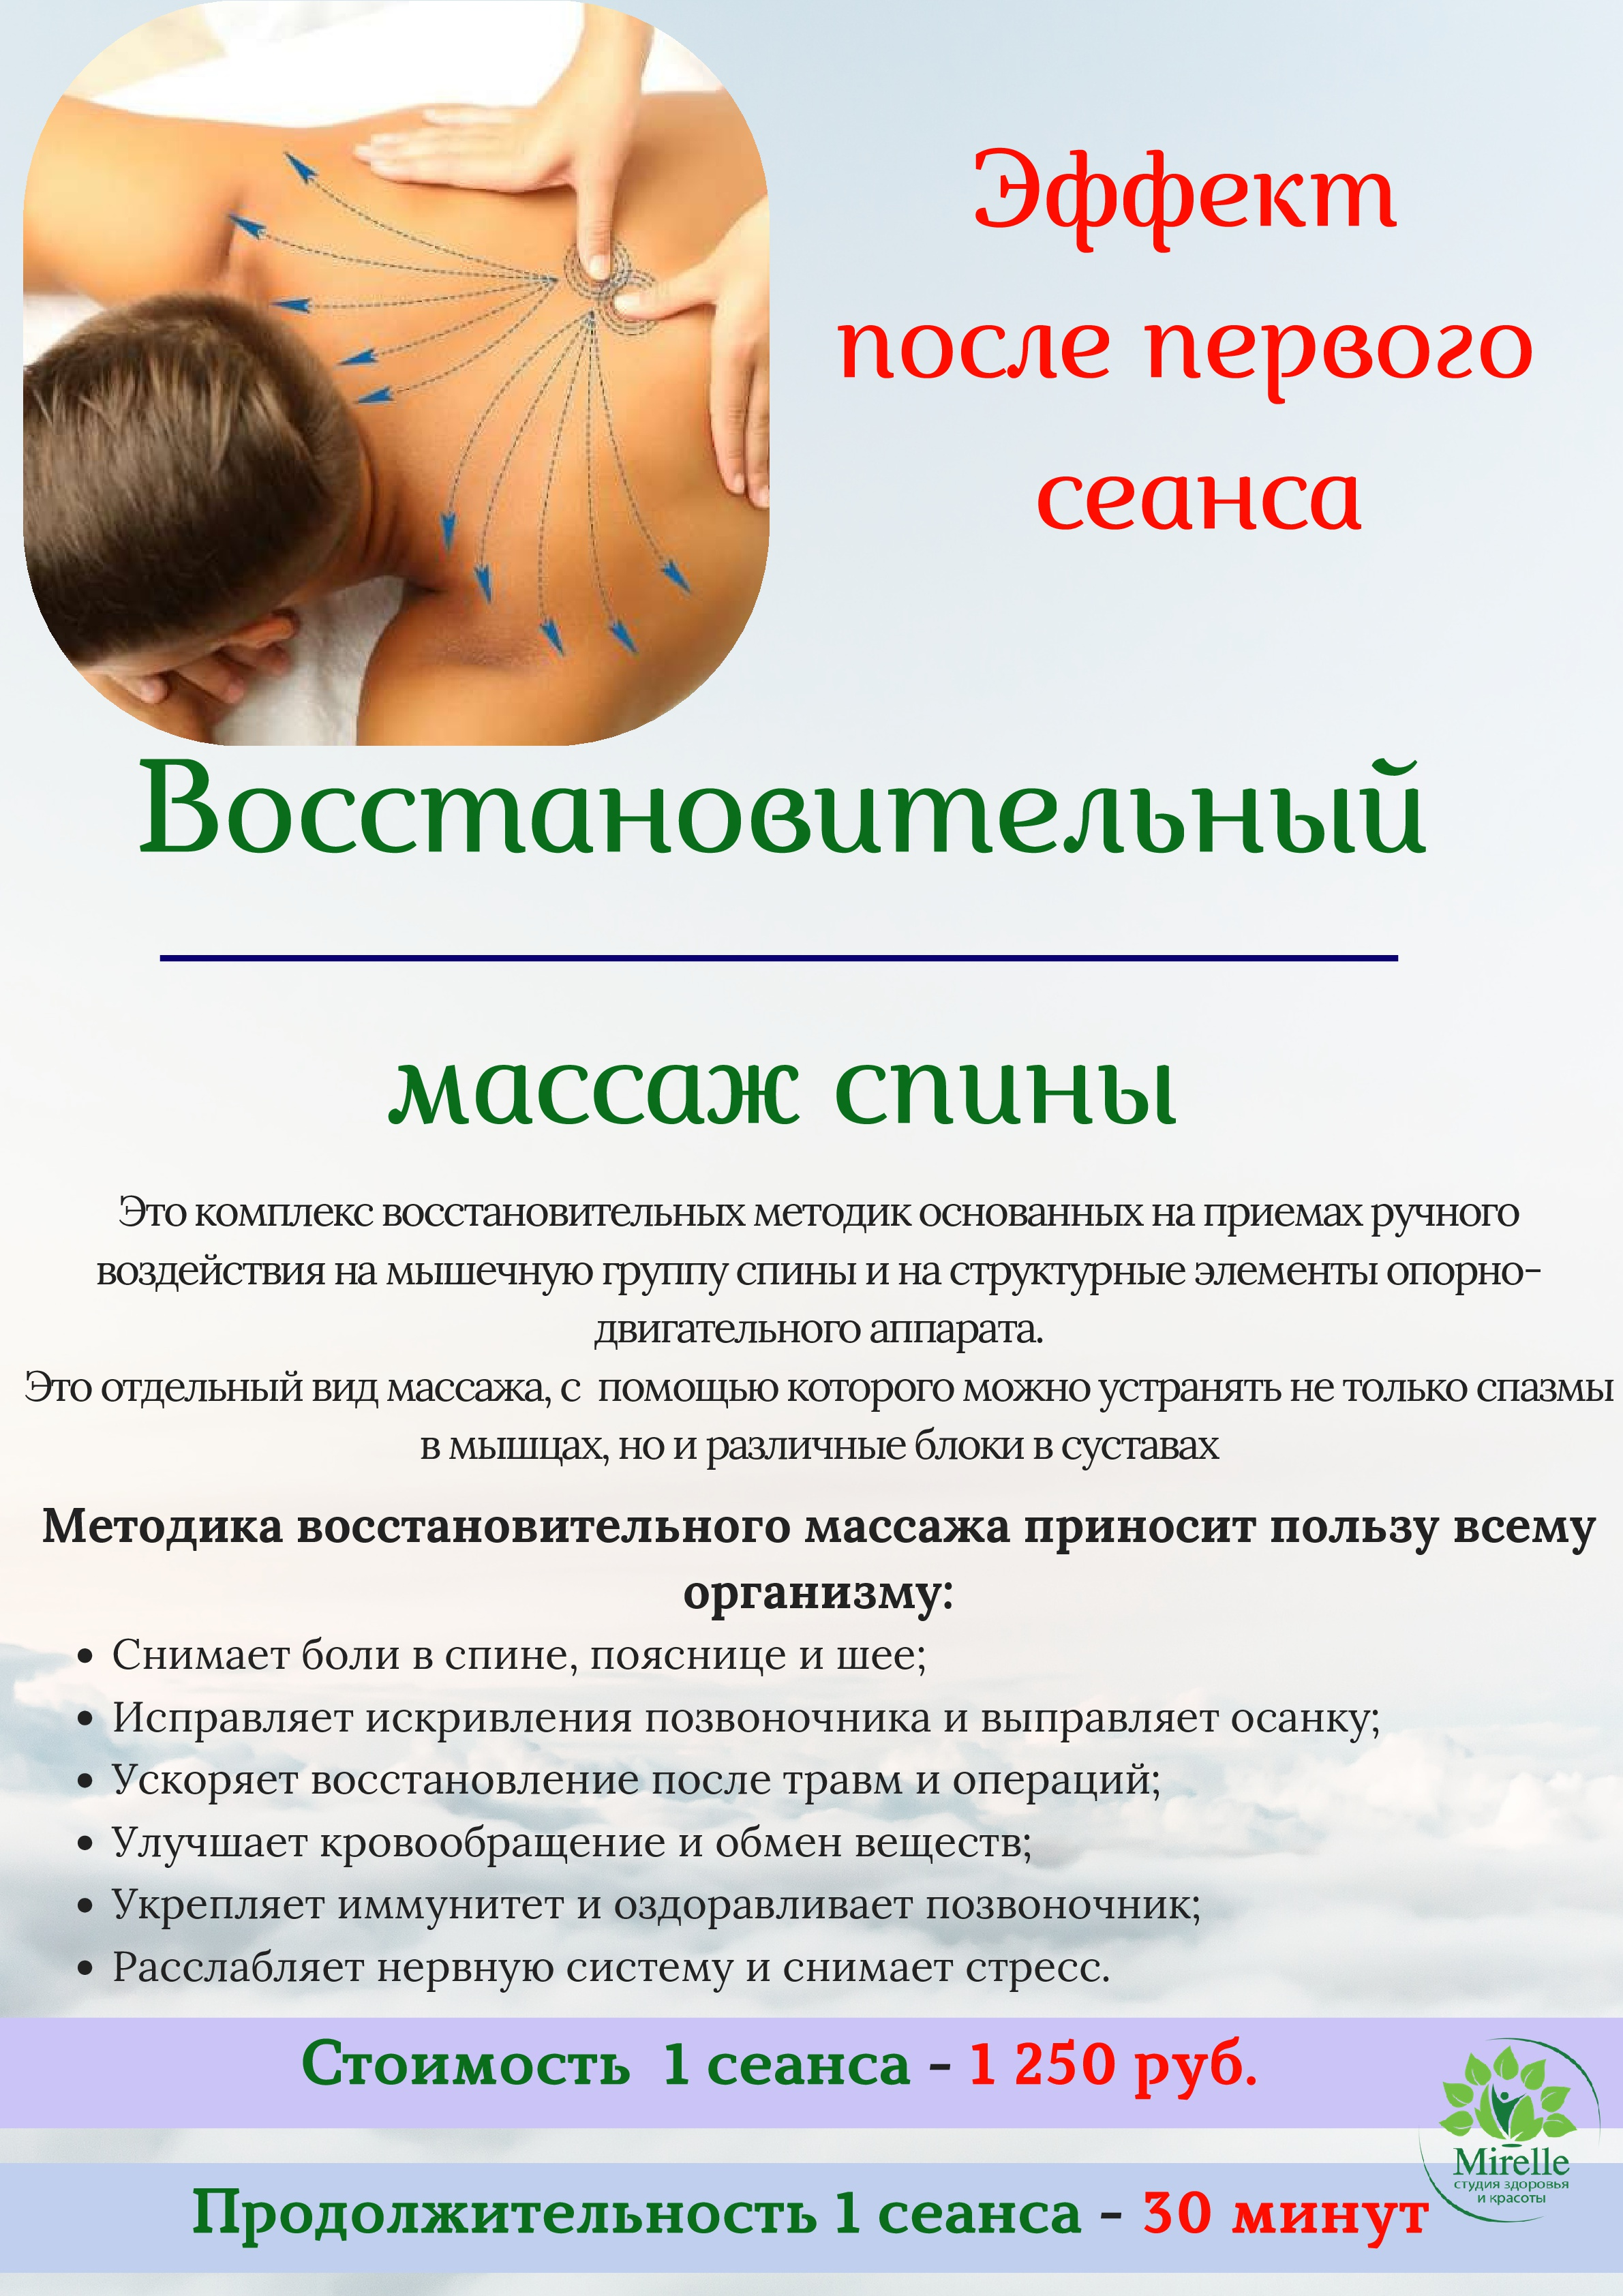 Восстановительный массаж-001